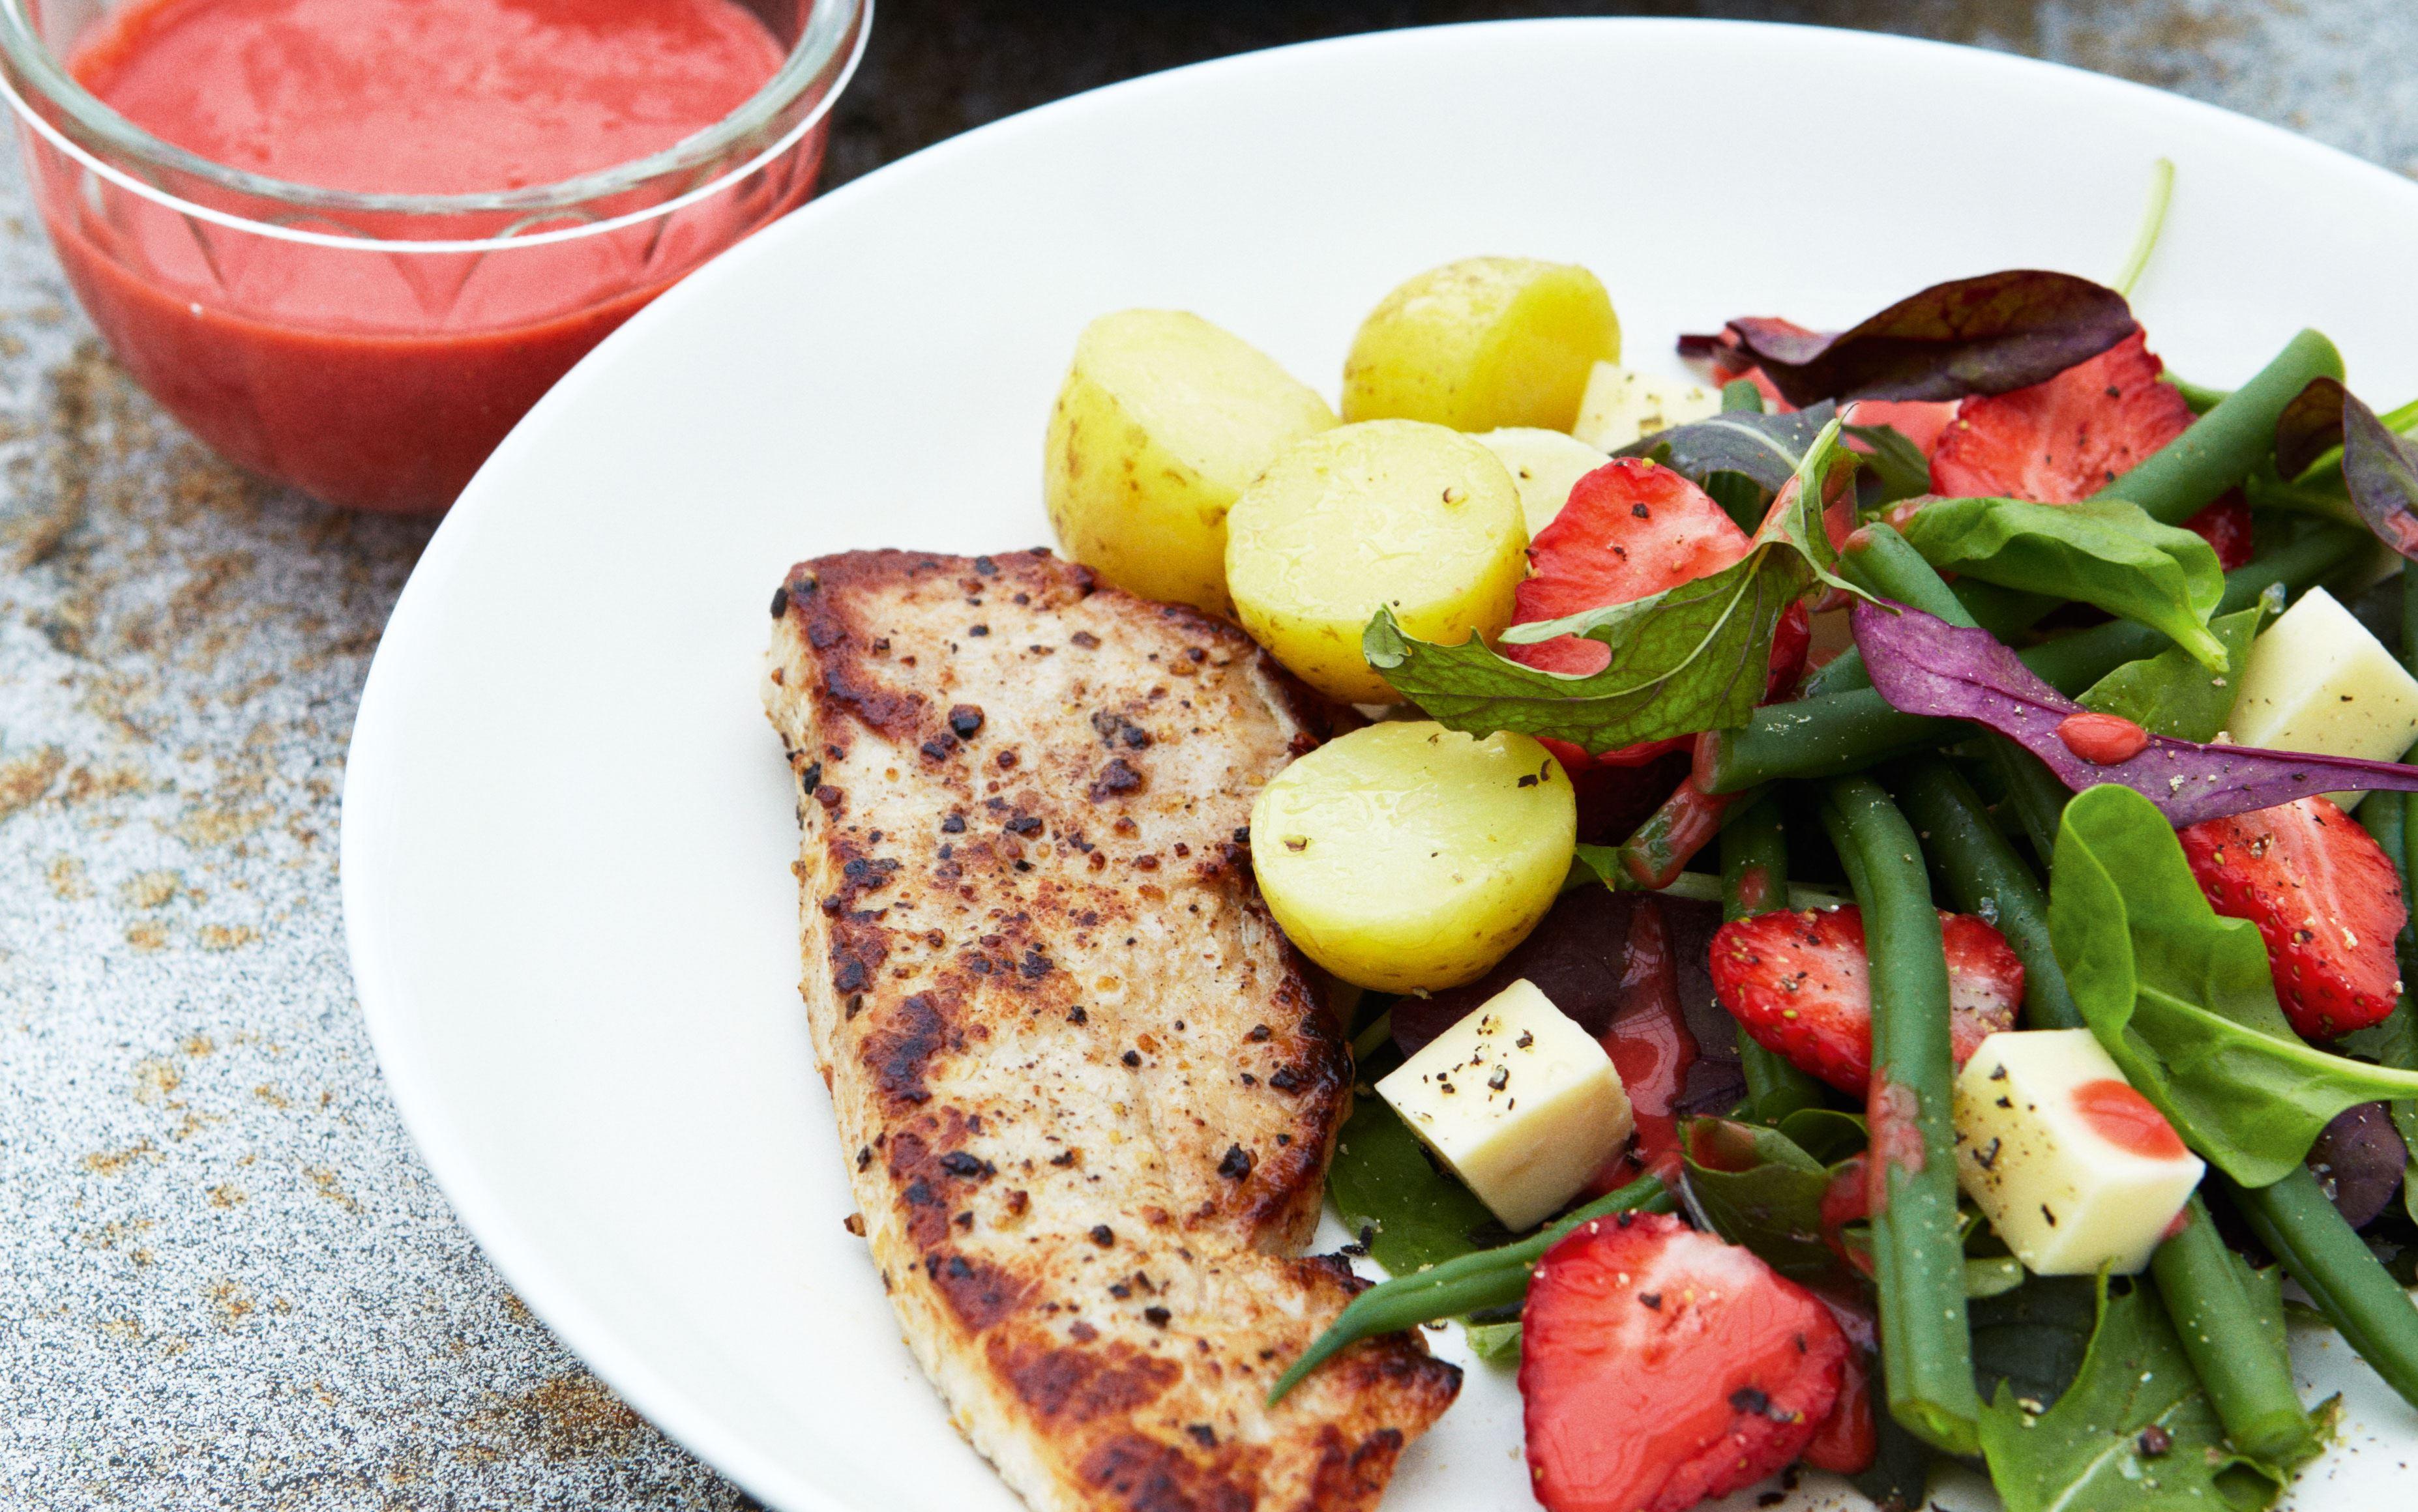 Jordbærsalat med bønner og ost